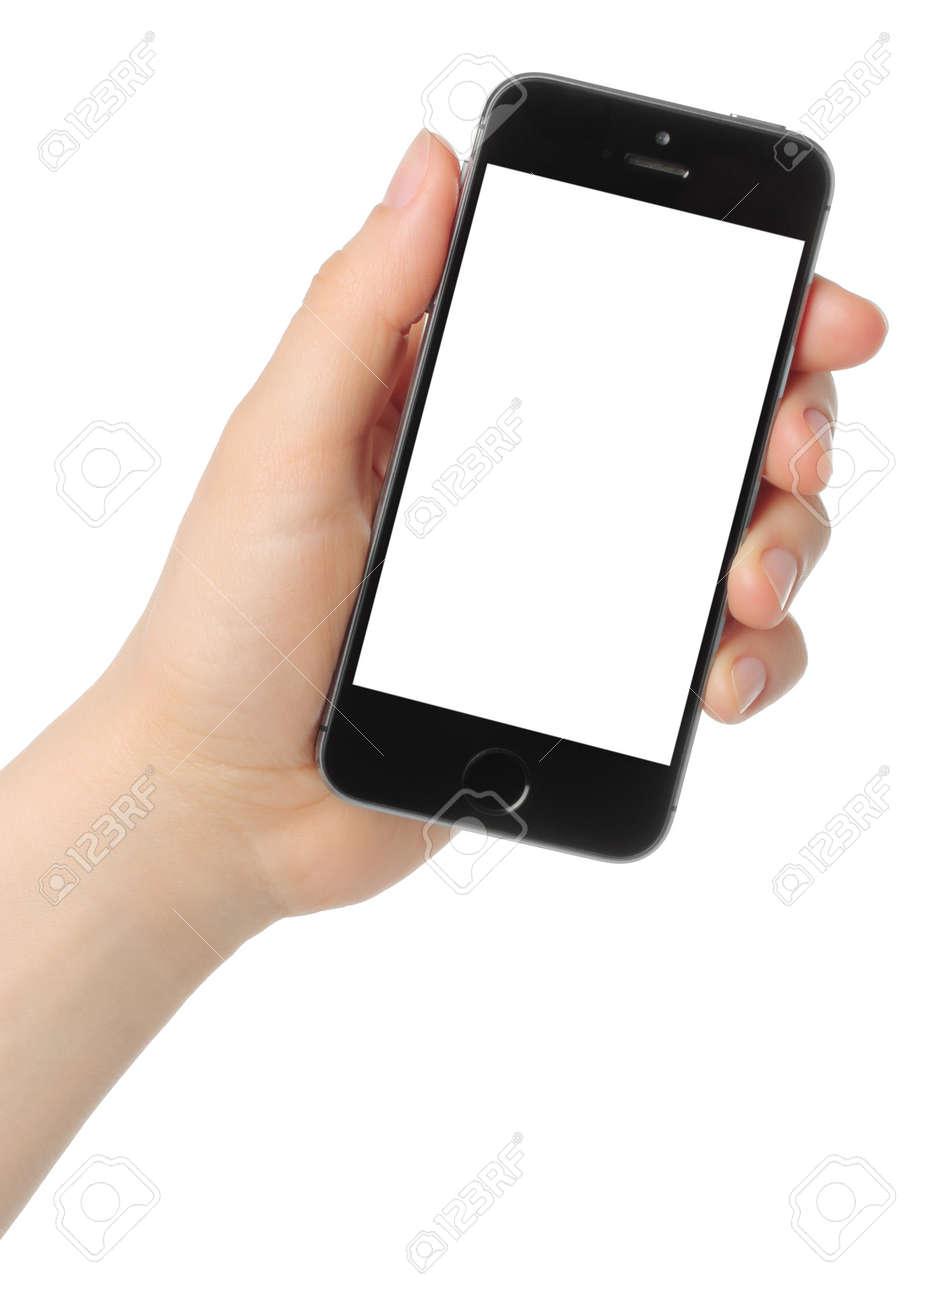 Immagini Stock Kiev Ucraina 7 Marzo 2015 La Mano Tiene Iphone